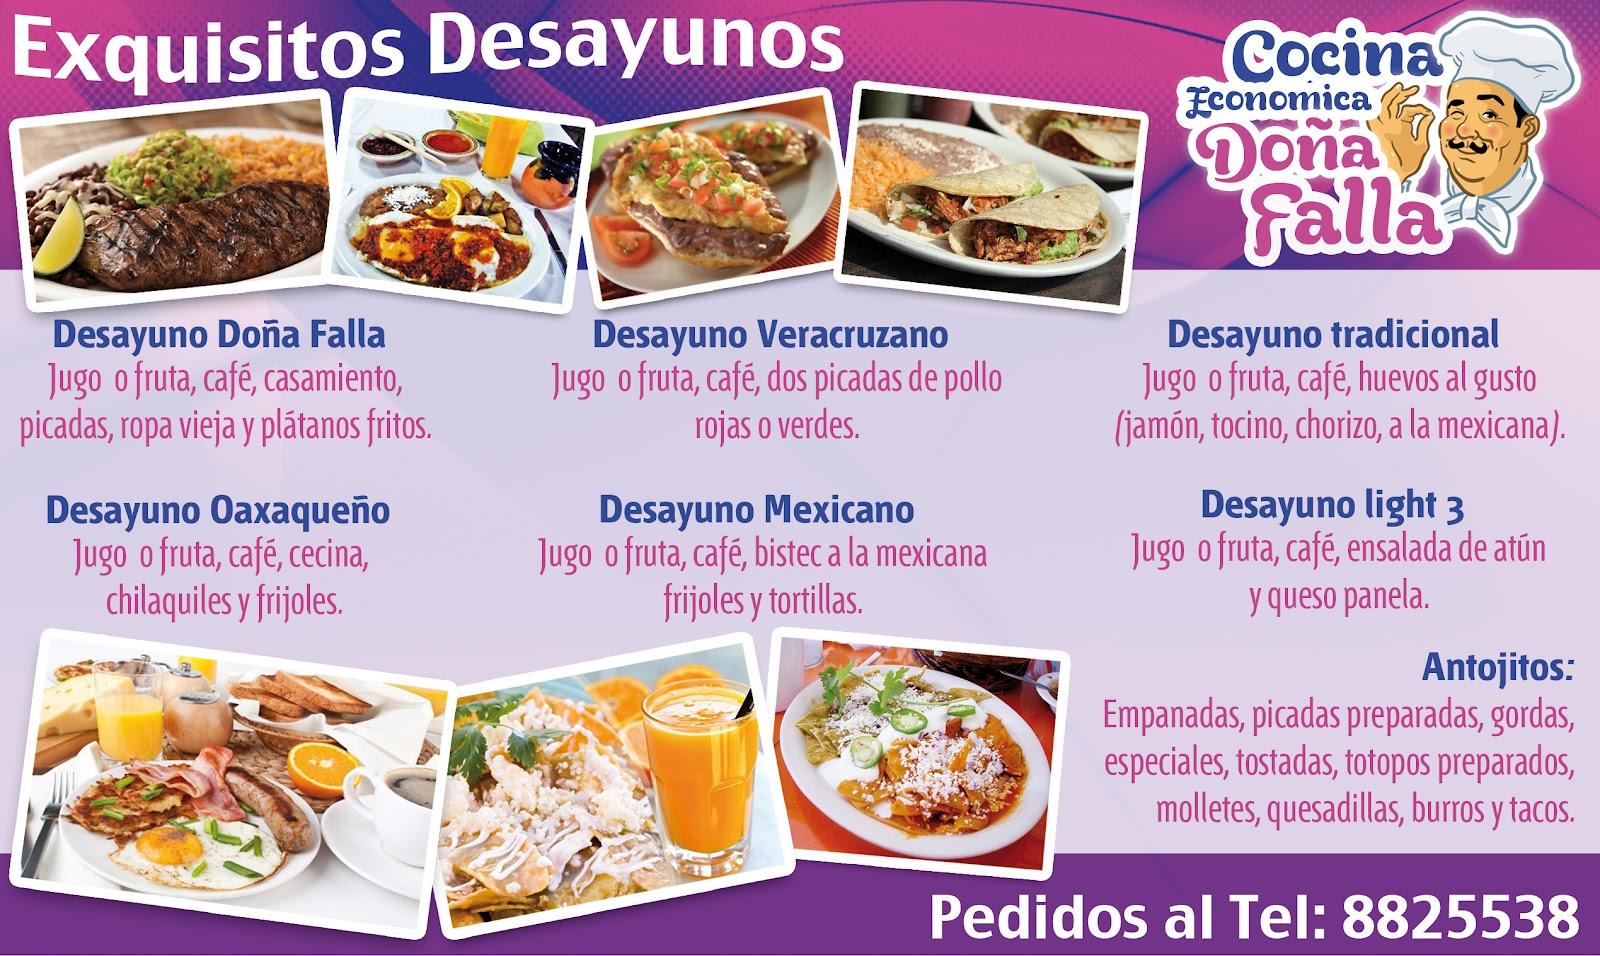 Publicidad en cosamaloapan mantelpubliko cocina econ mica for Diseno cocina economica